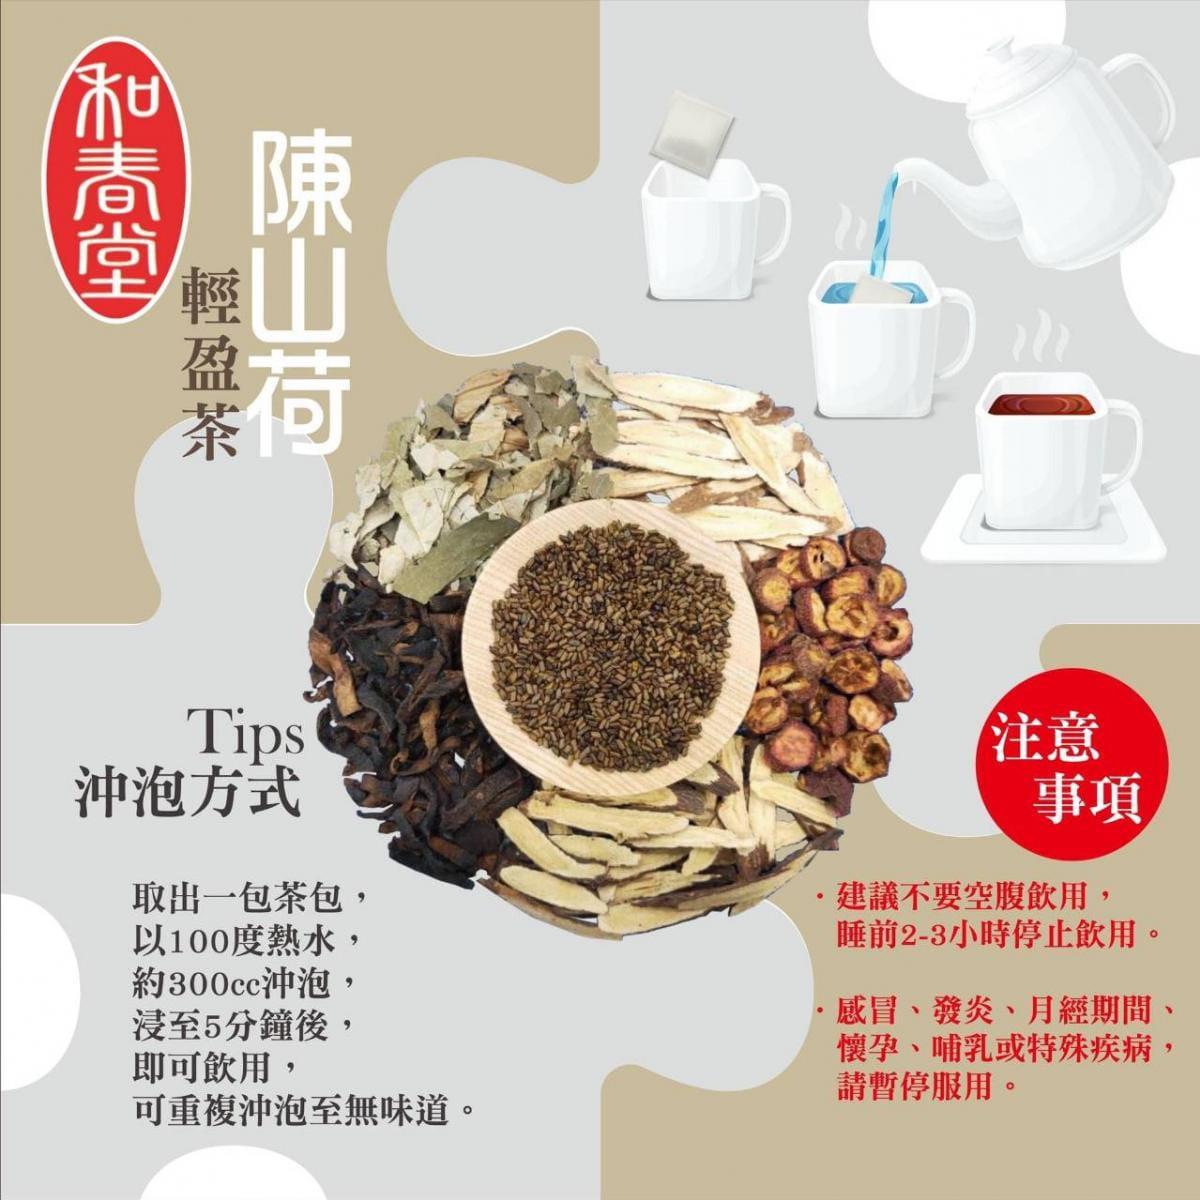 【和春堂】陳山荷輕盈茶包 3